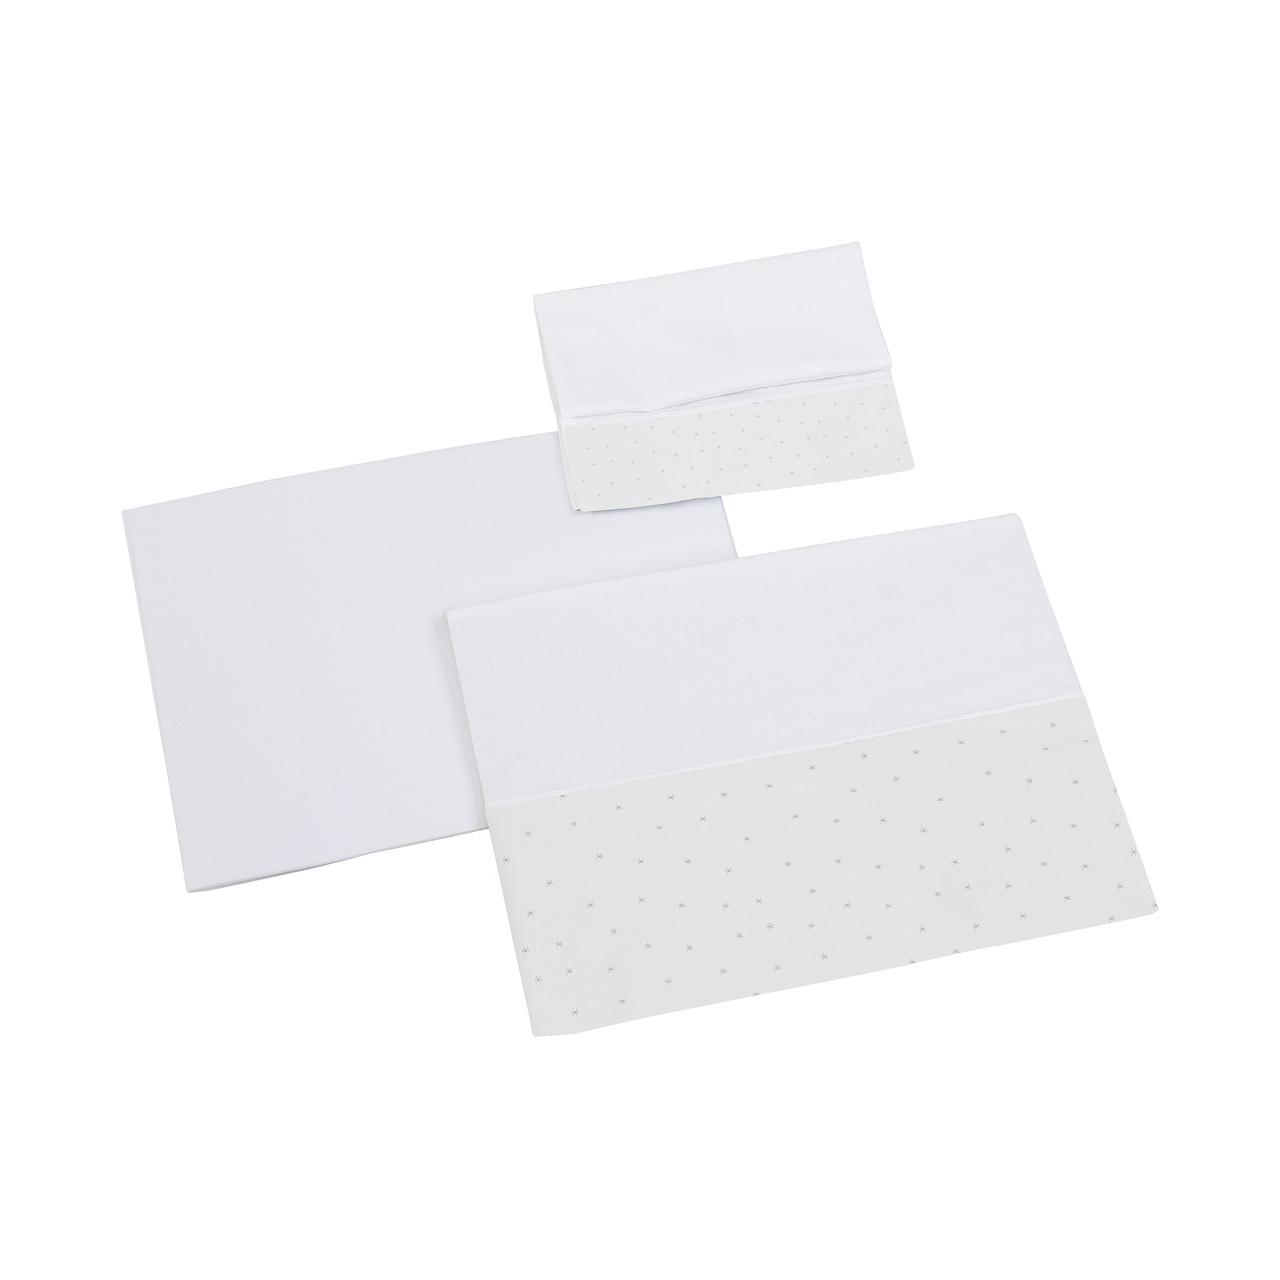 Постельное белье для колыбели Micuna Shine 3 предмета, белый